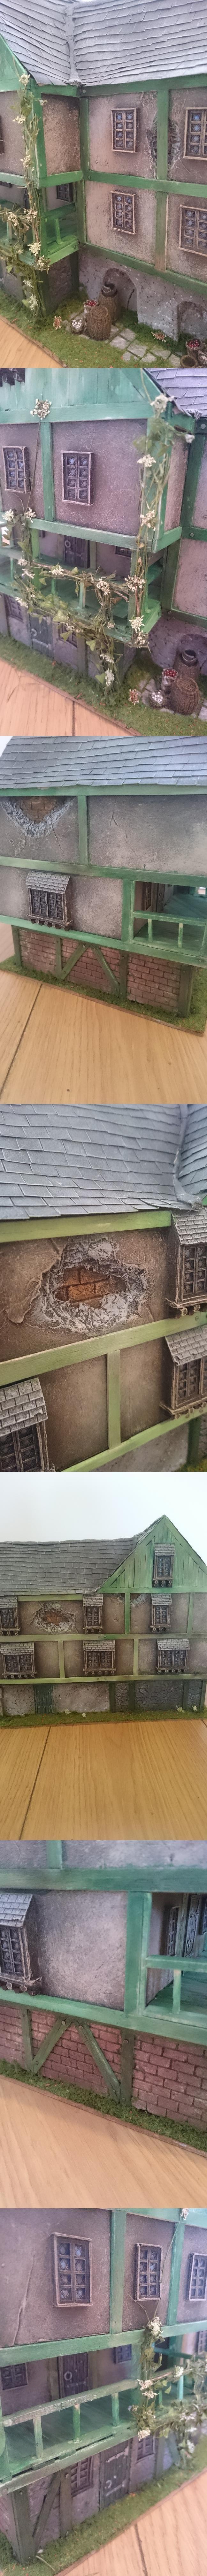 scratchbuilt brick tavern